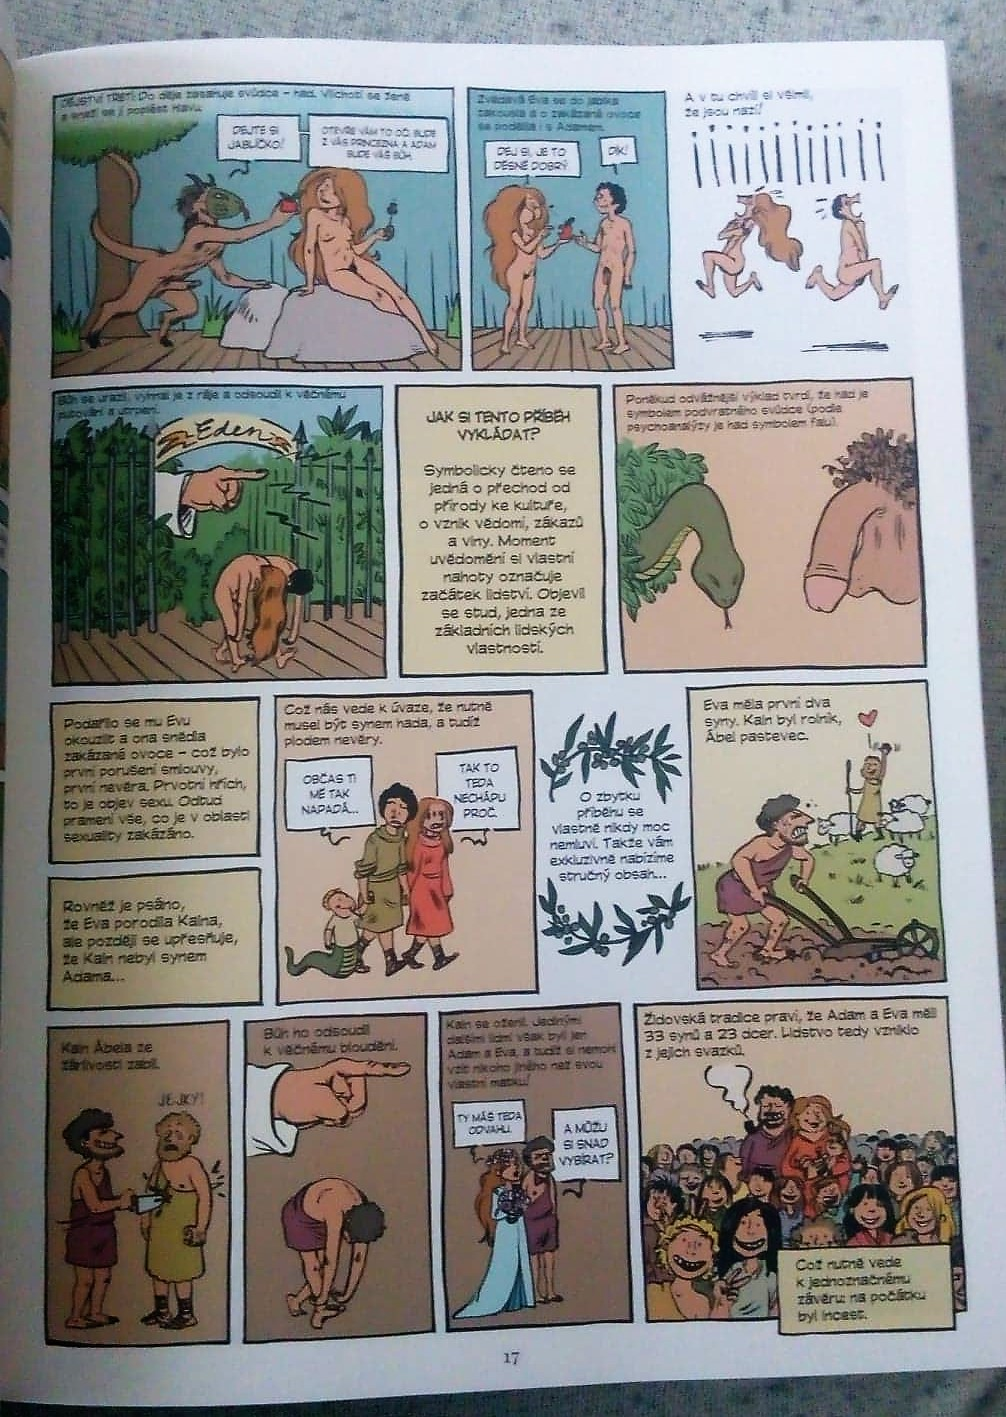 anální sex komiks